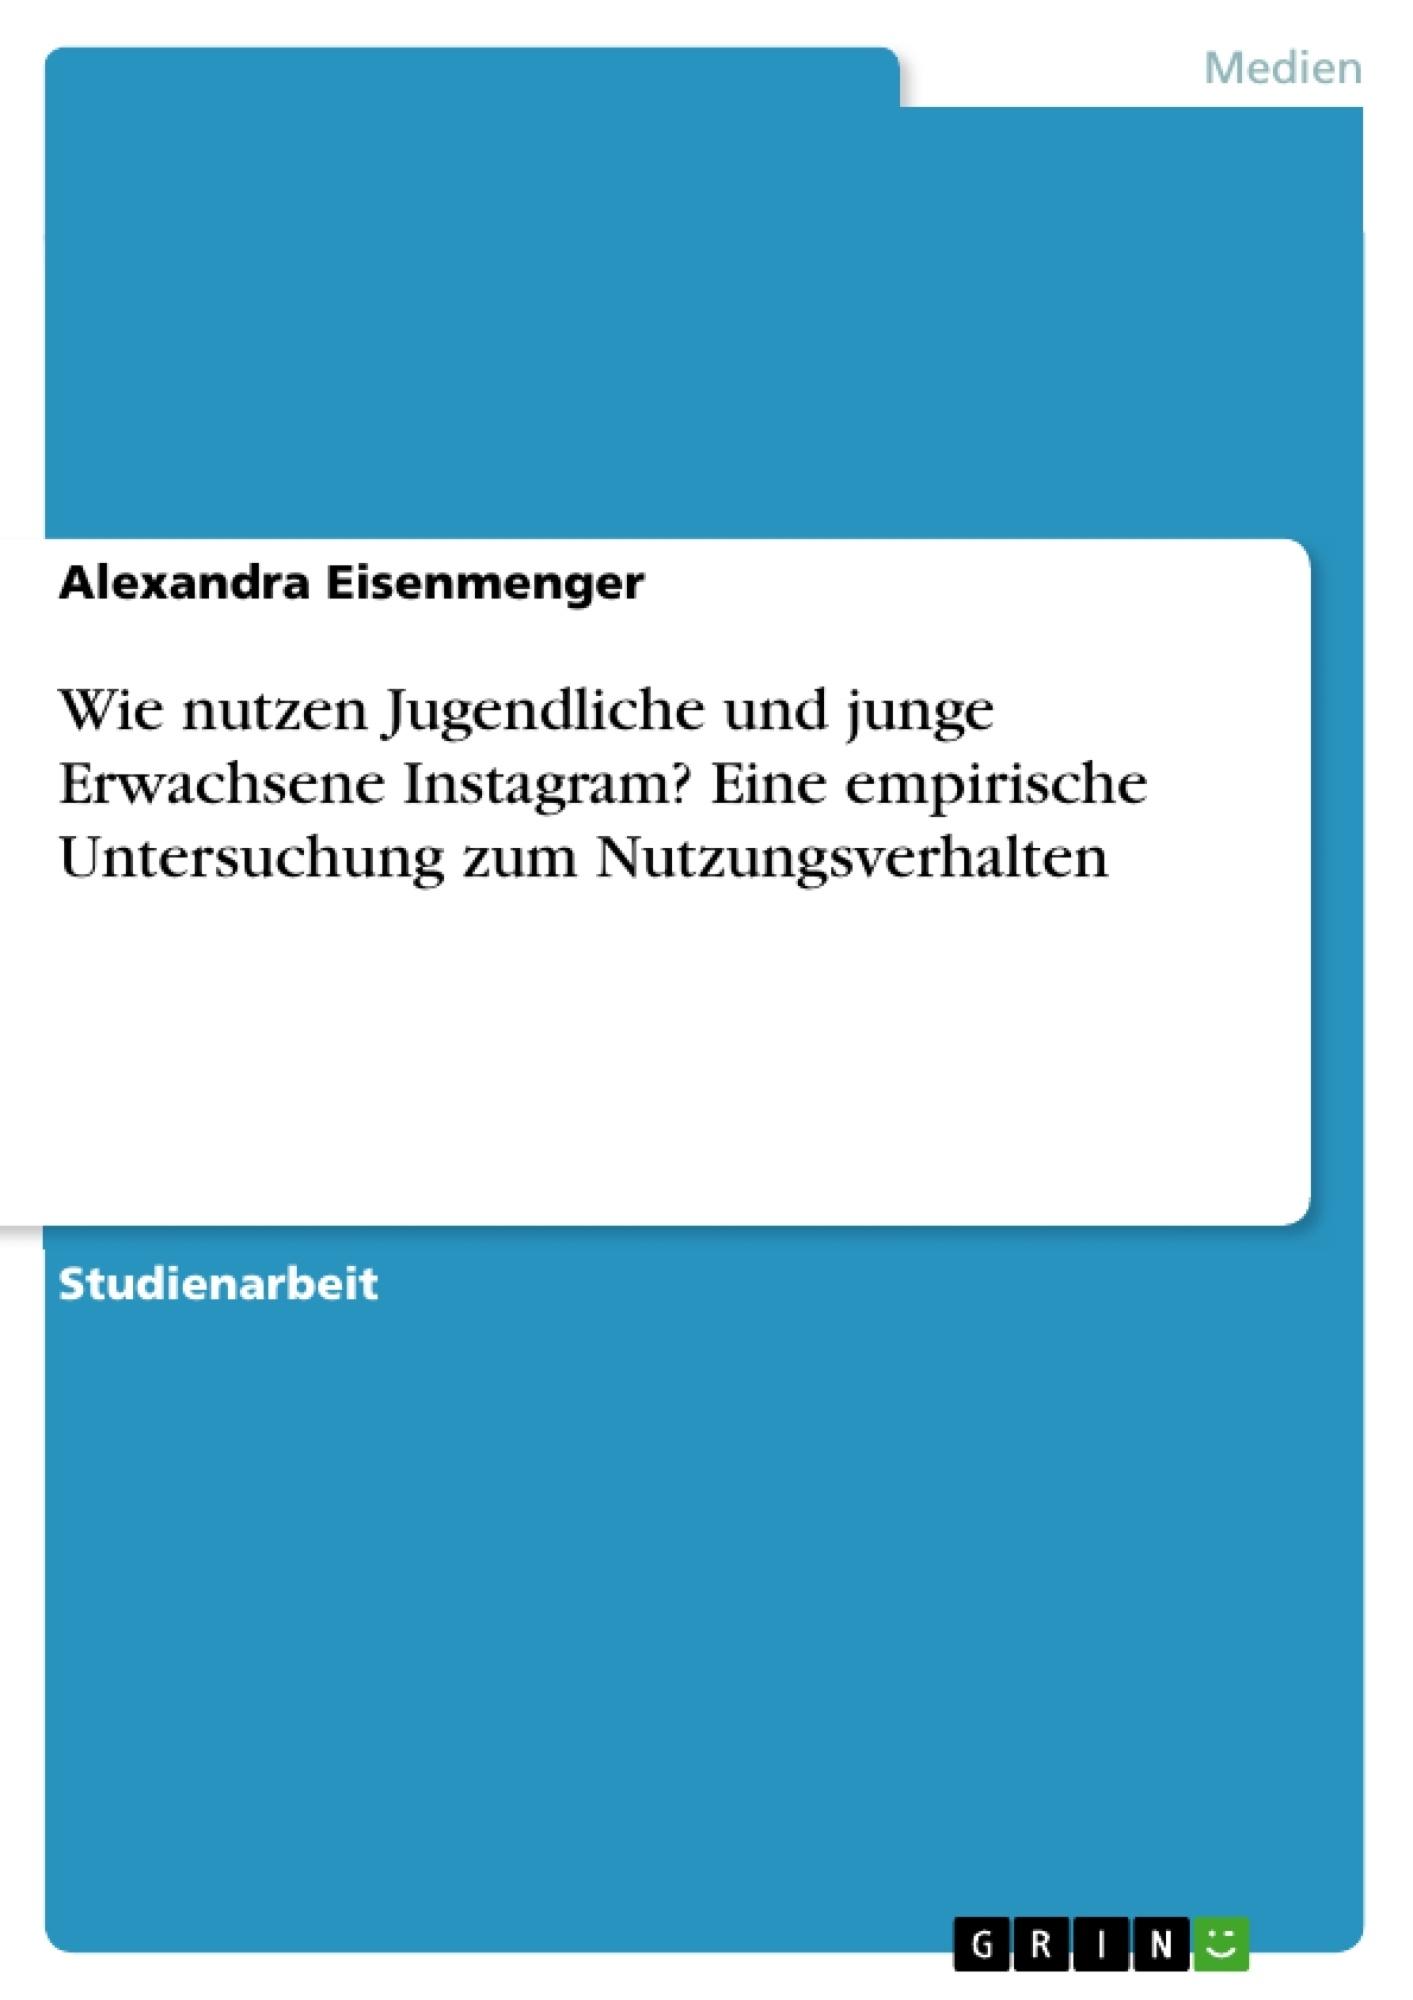 Titel: Wie nutzen Jugendliche und junge Erwachsene Instagram? Eine empirische Untersuchung zum Nutzungsverhalten